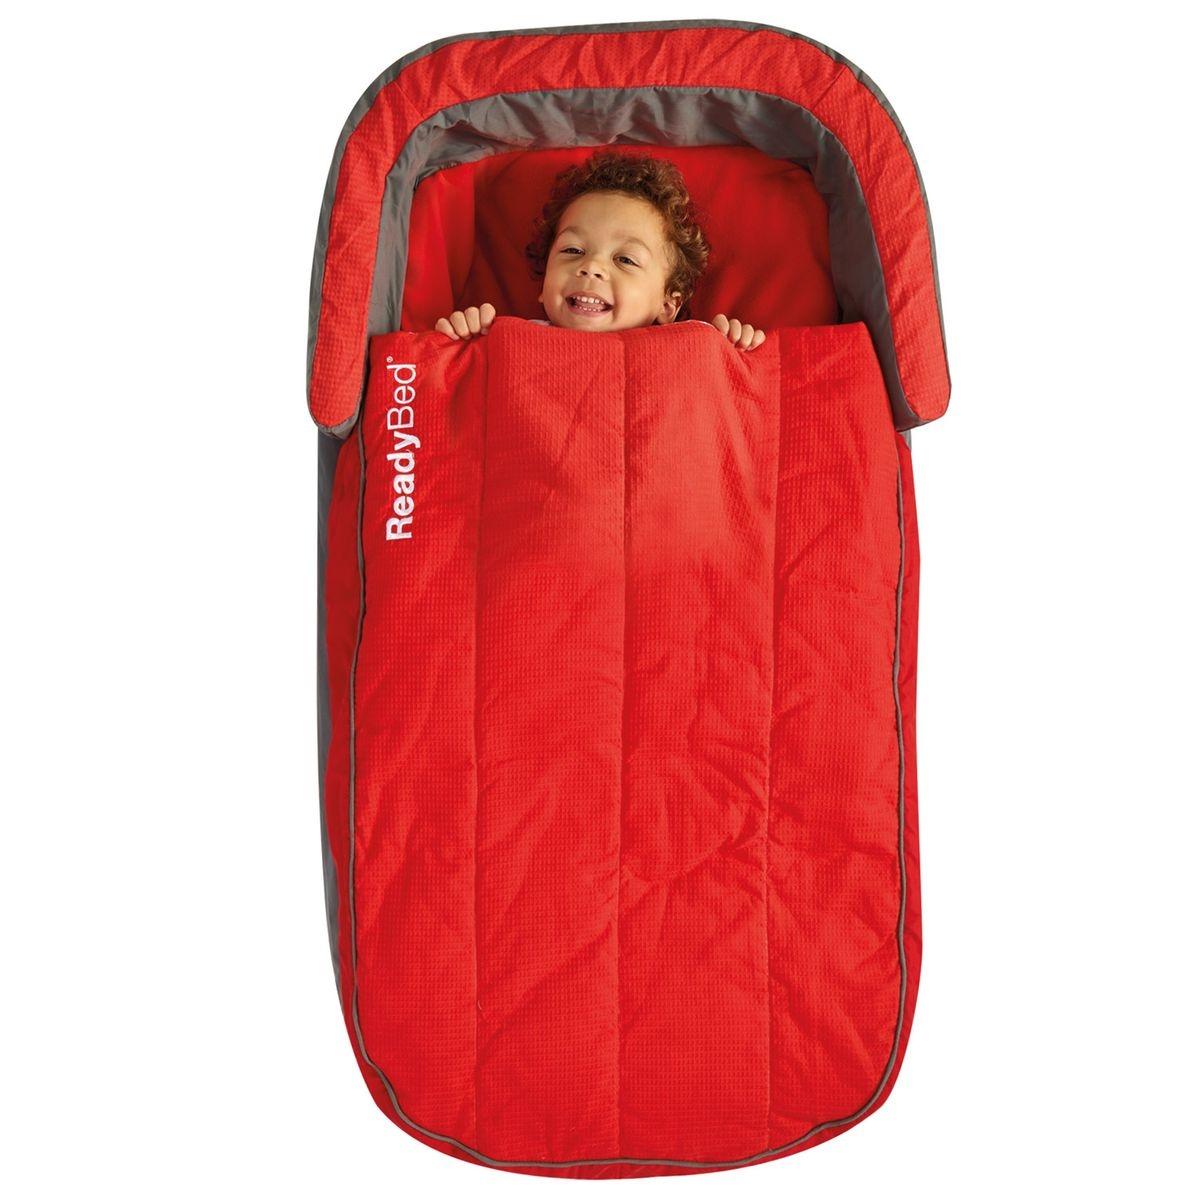 Matelas gonflable avec sac de couchage intégré